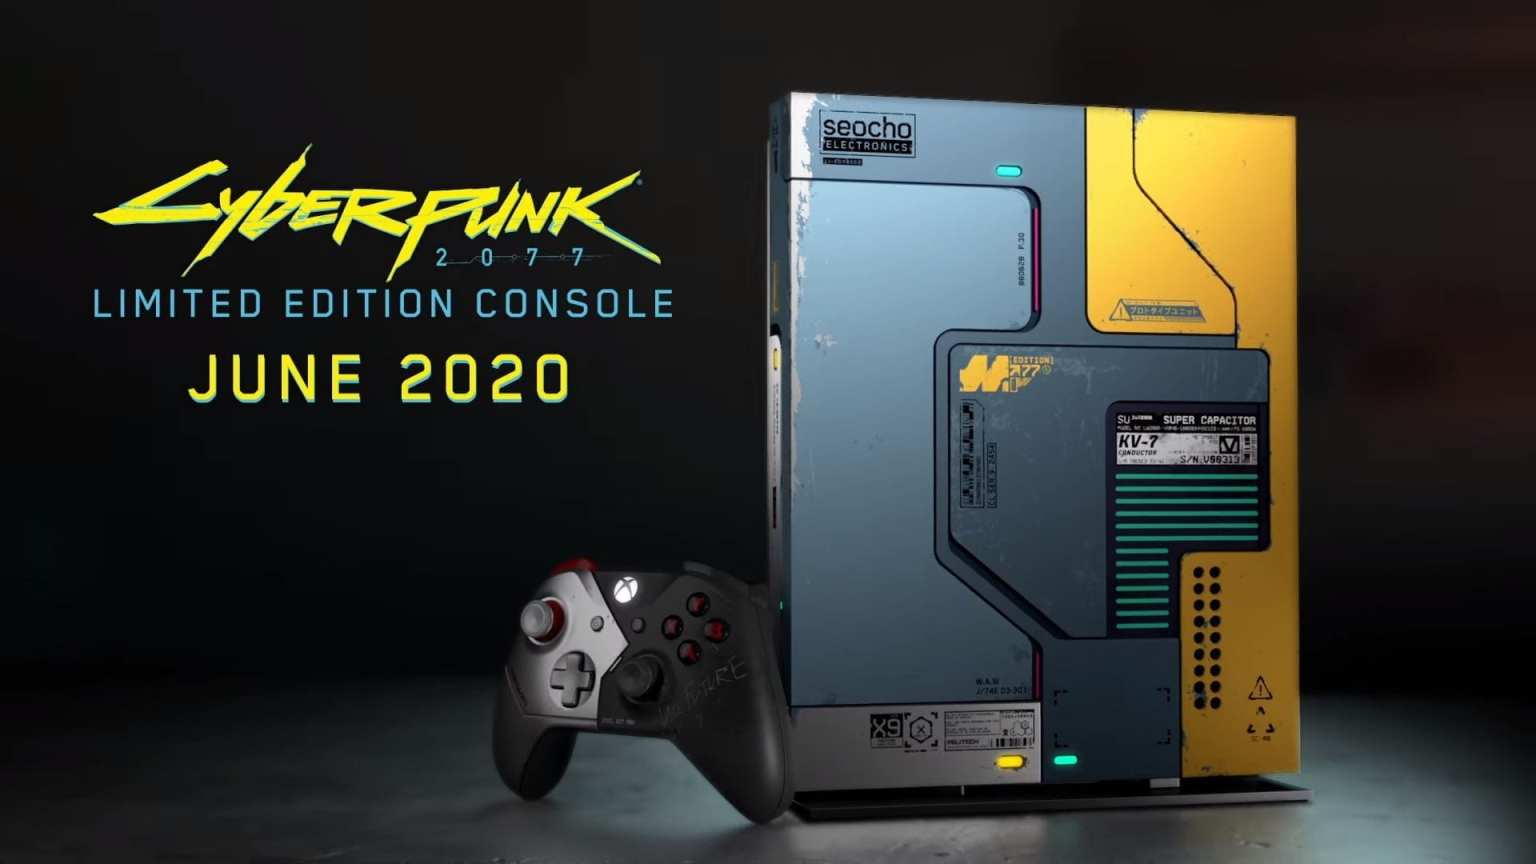 Así luce el bundle de Xbox One X de Cyberpunk 2077 que verá la luz este verano 2